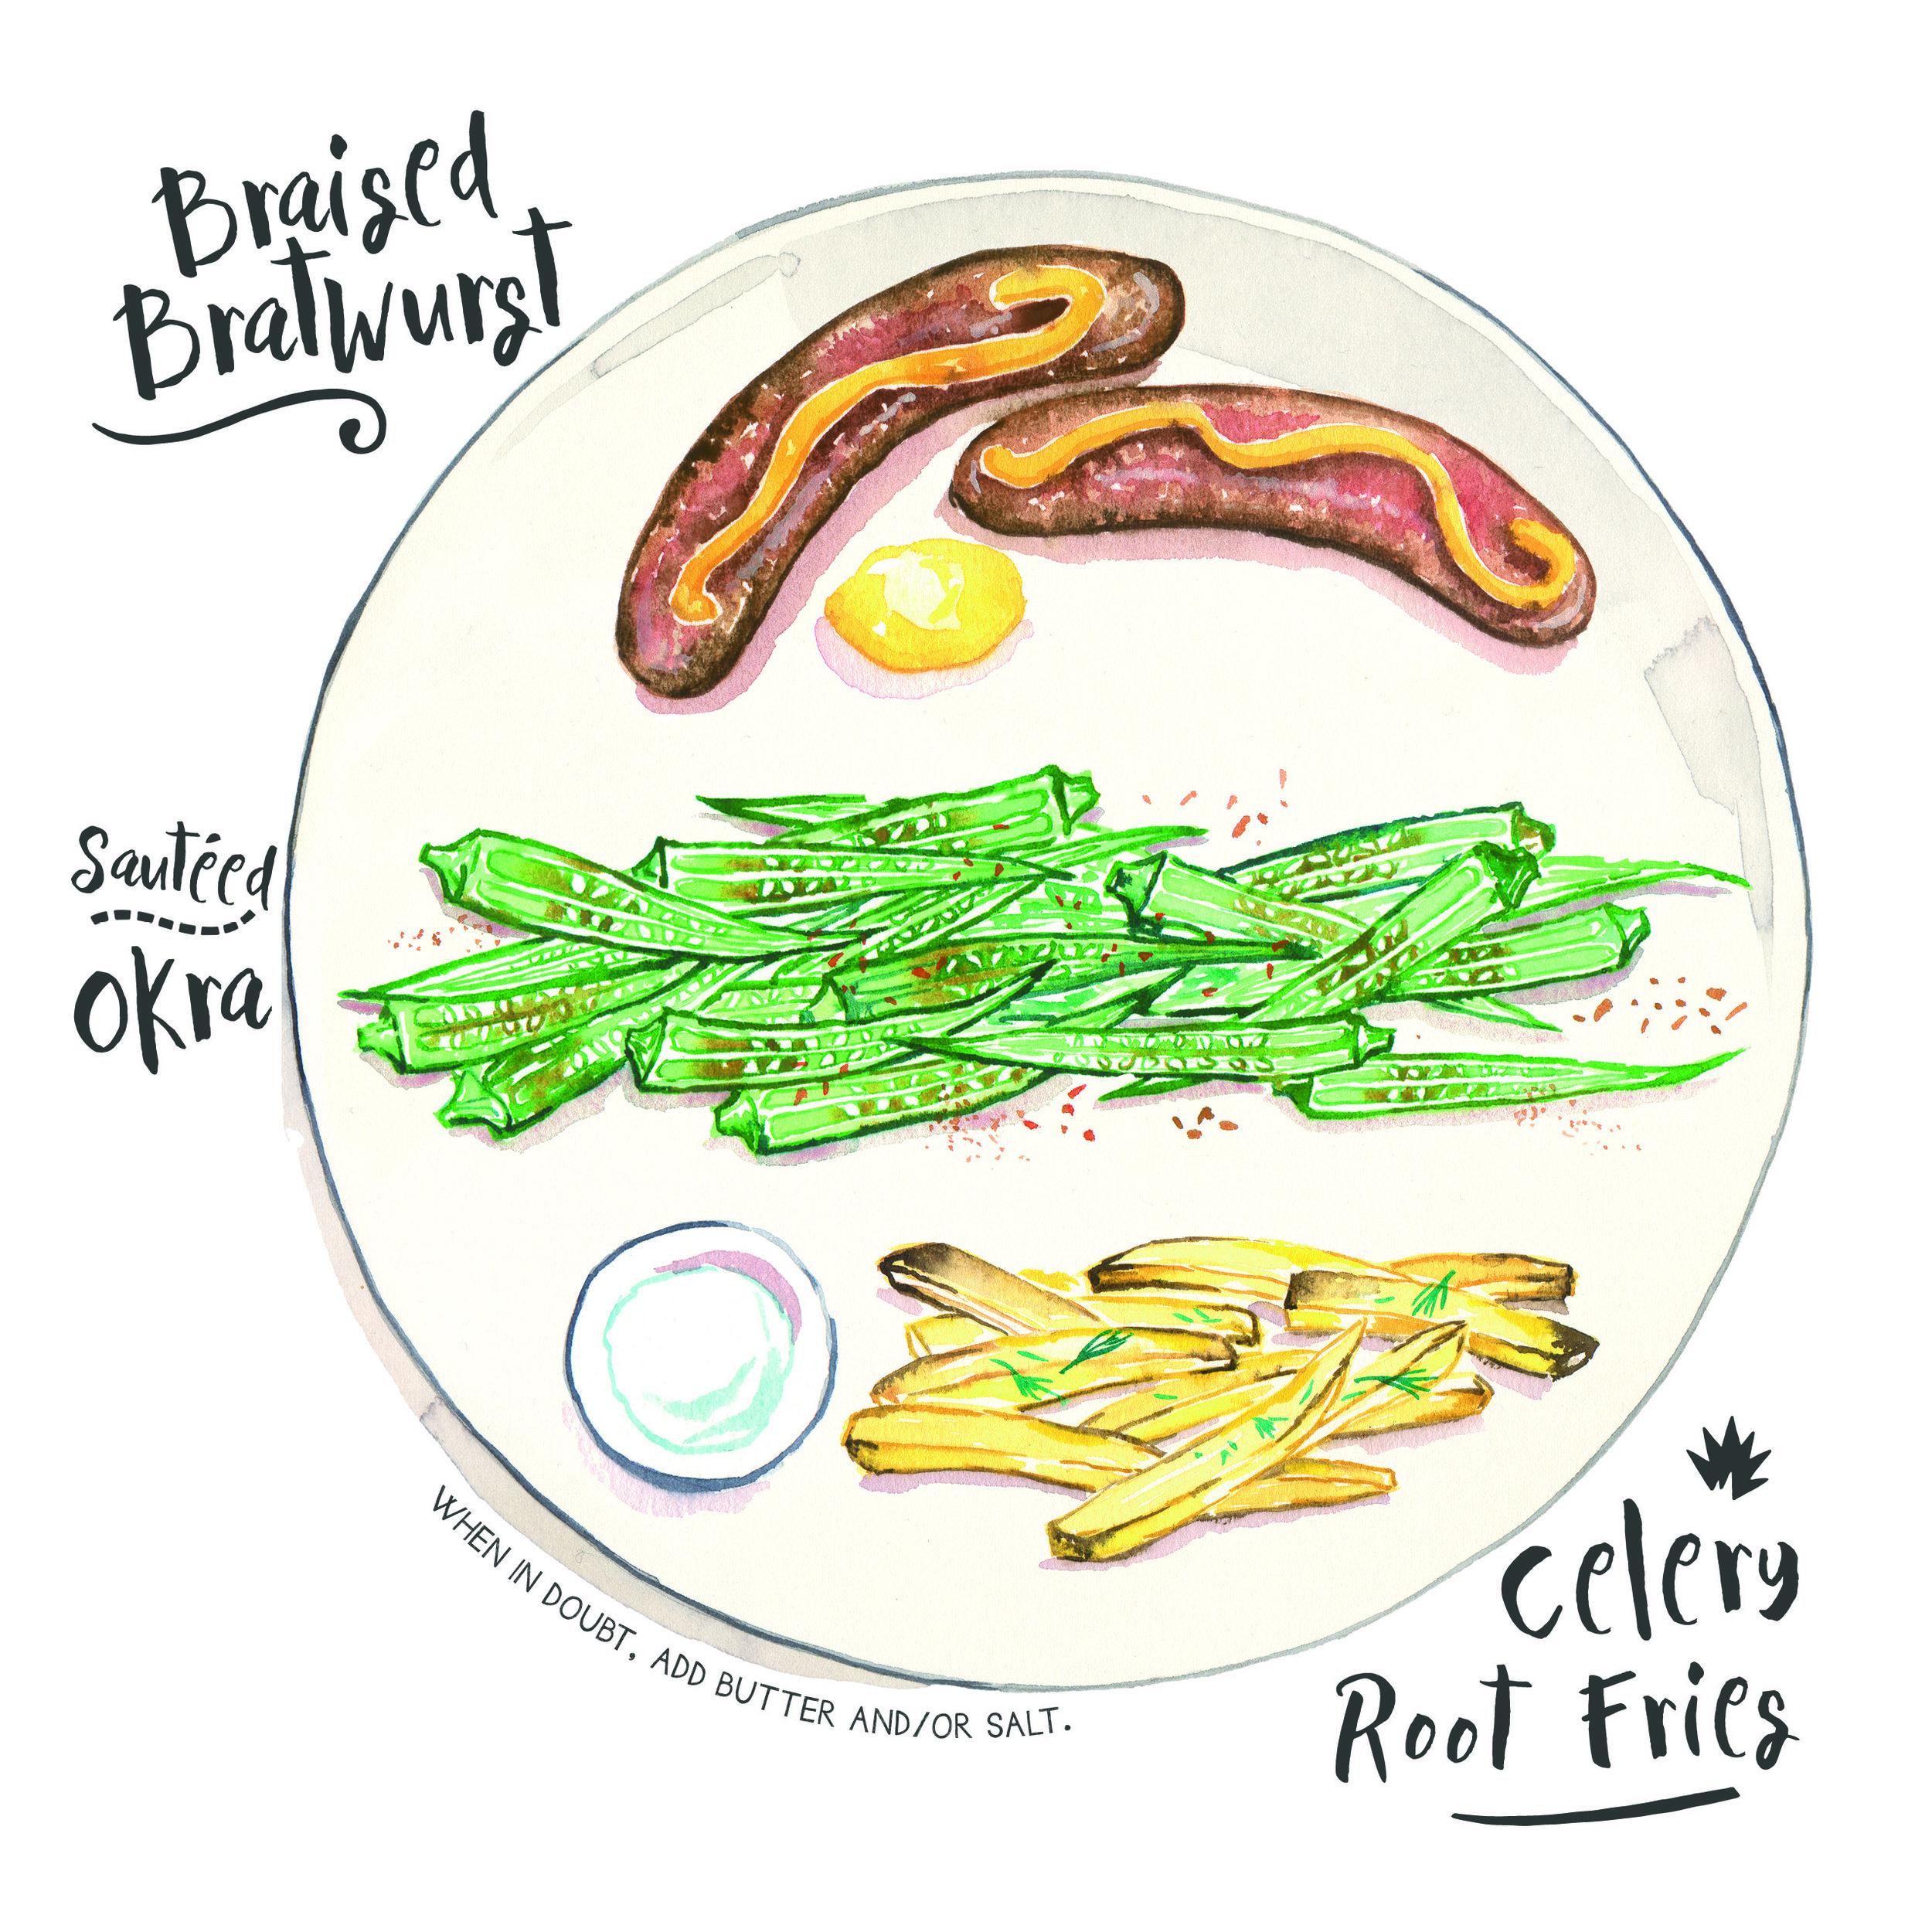 bratwurst plate.jpg